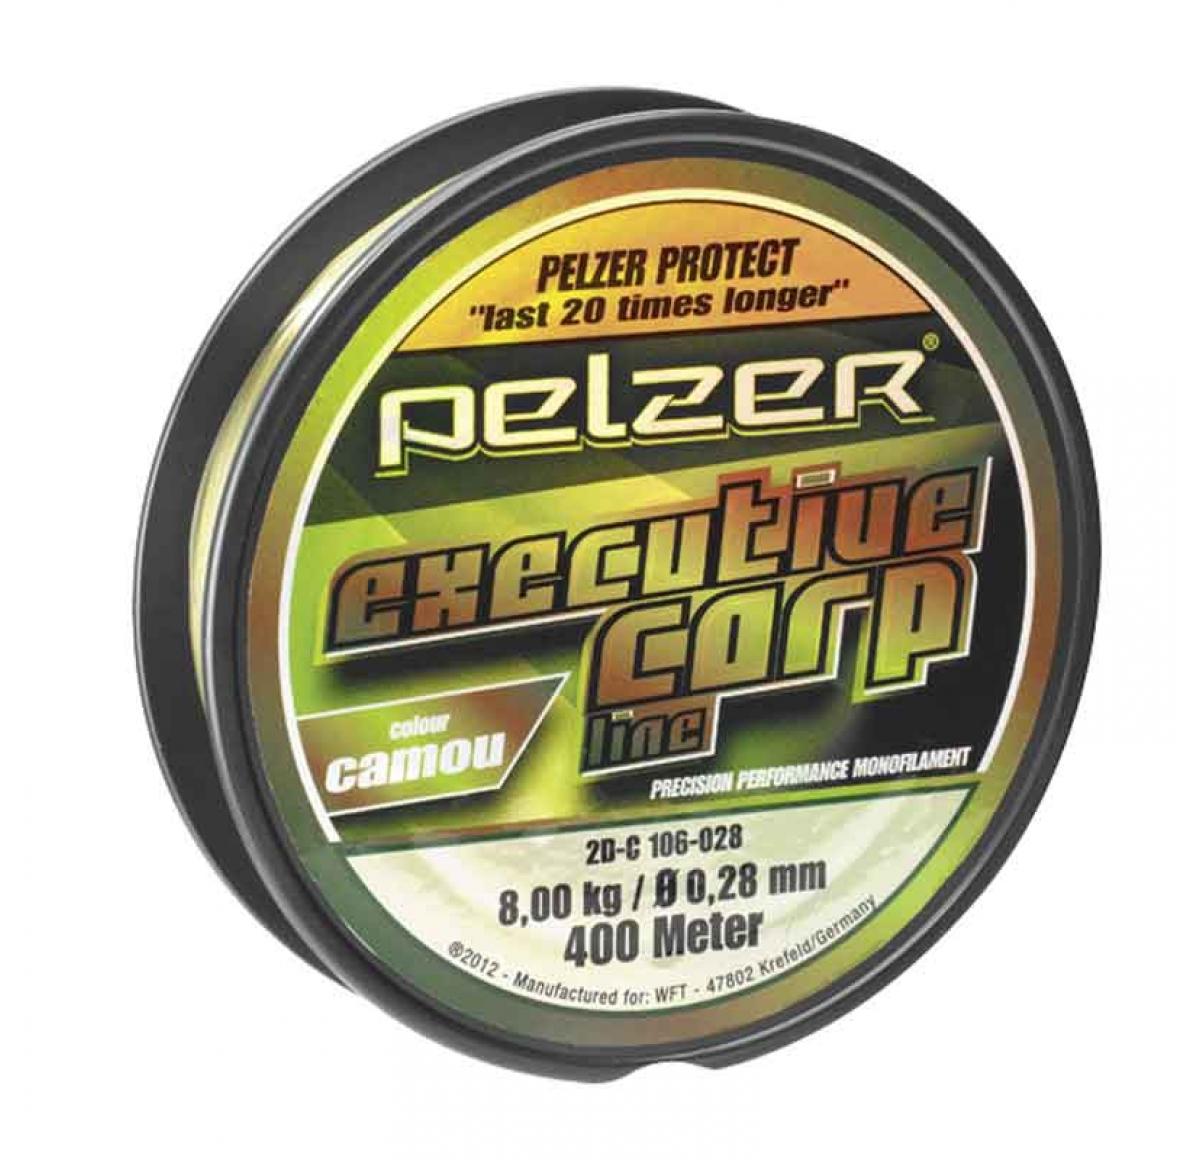 Pelzer Executive Carp Line 0.28mm 1200m camou